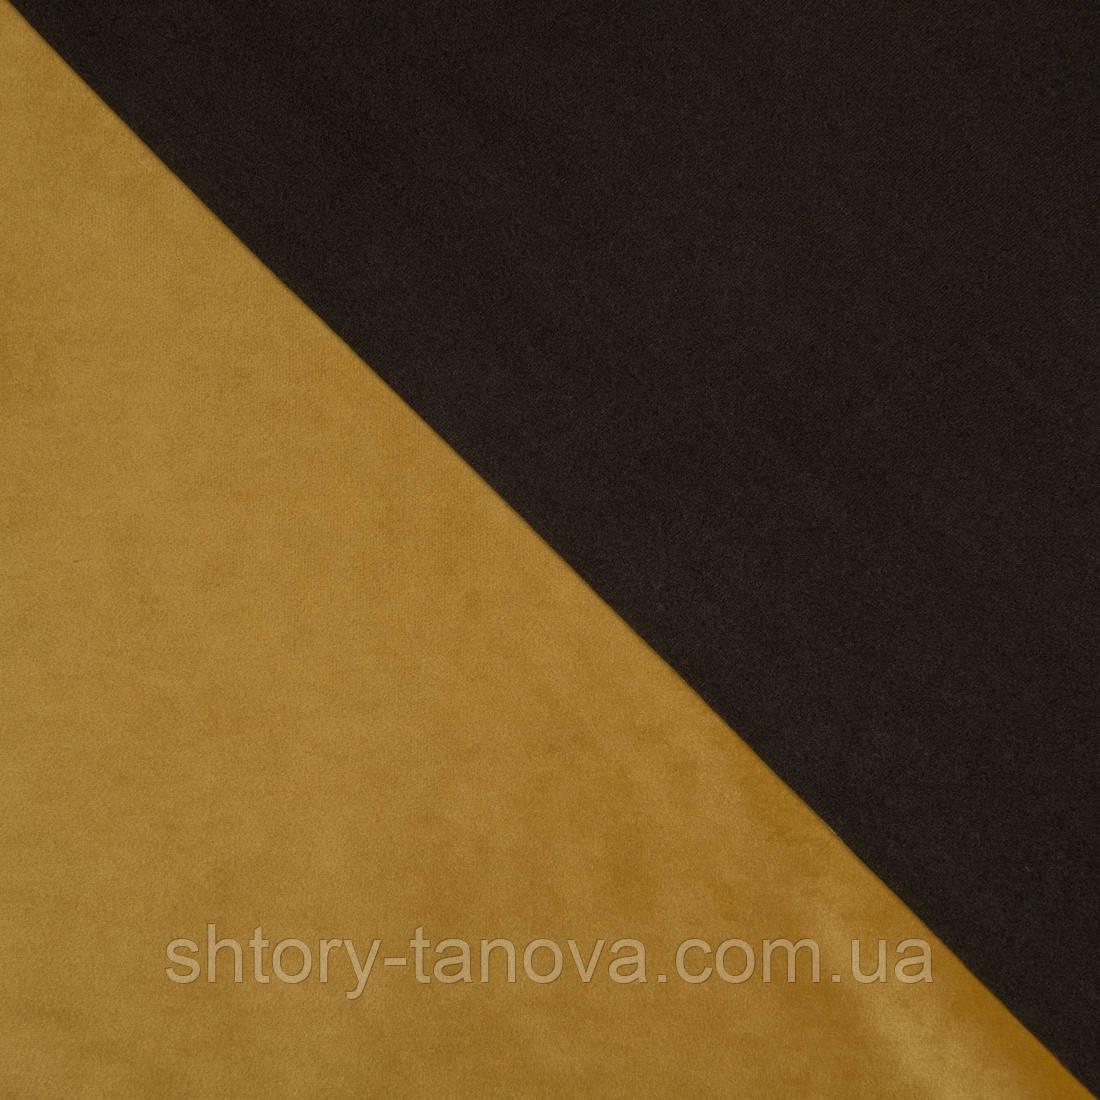 Декоративна тканина велюта медовий